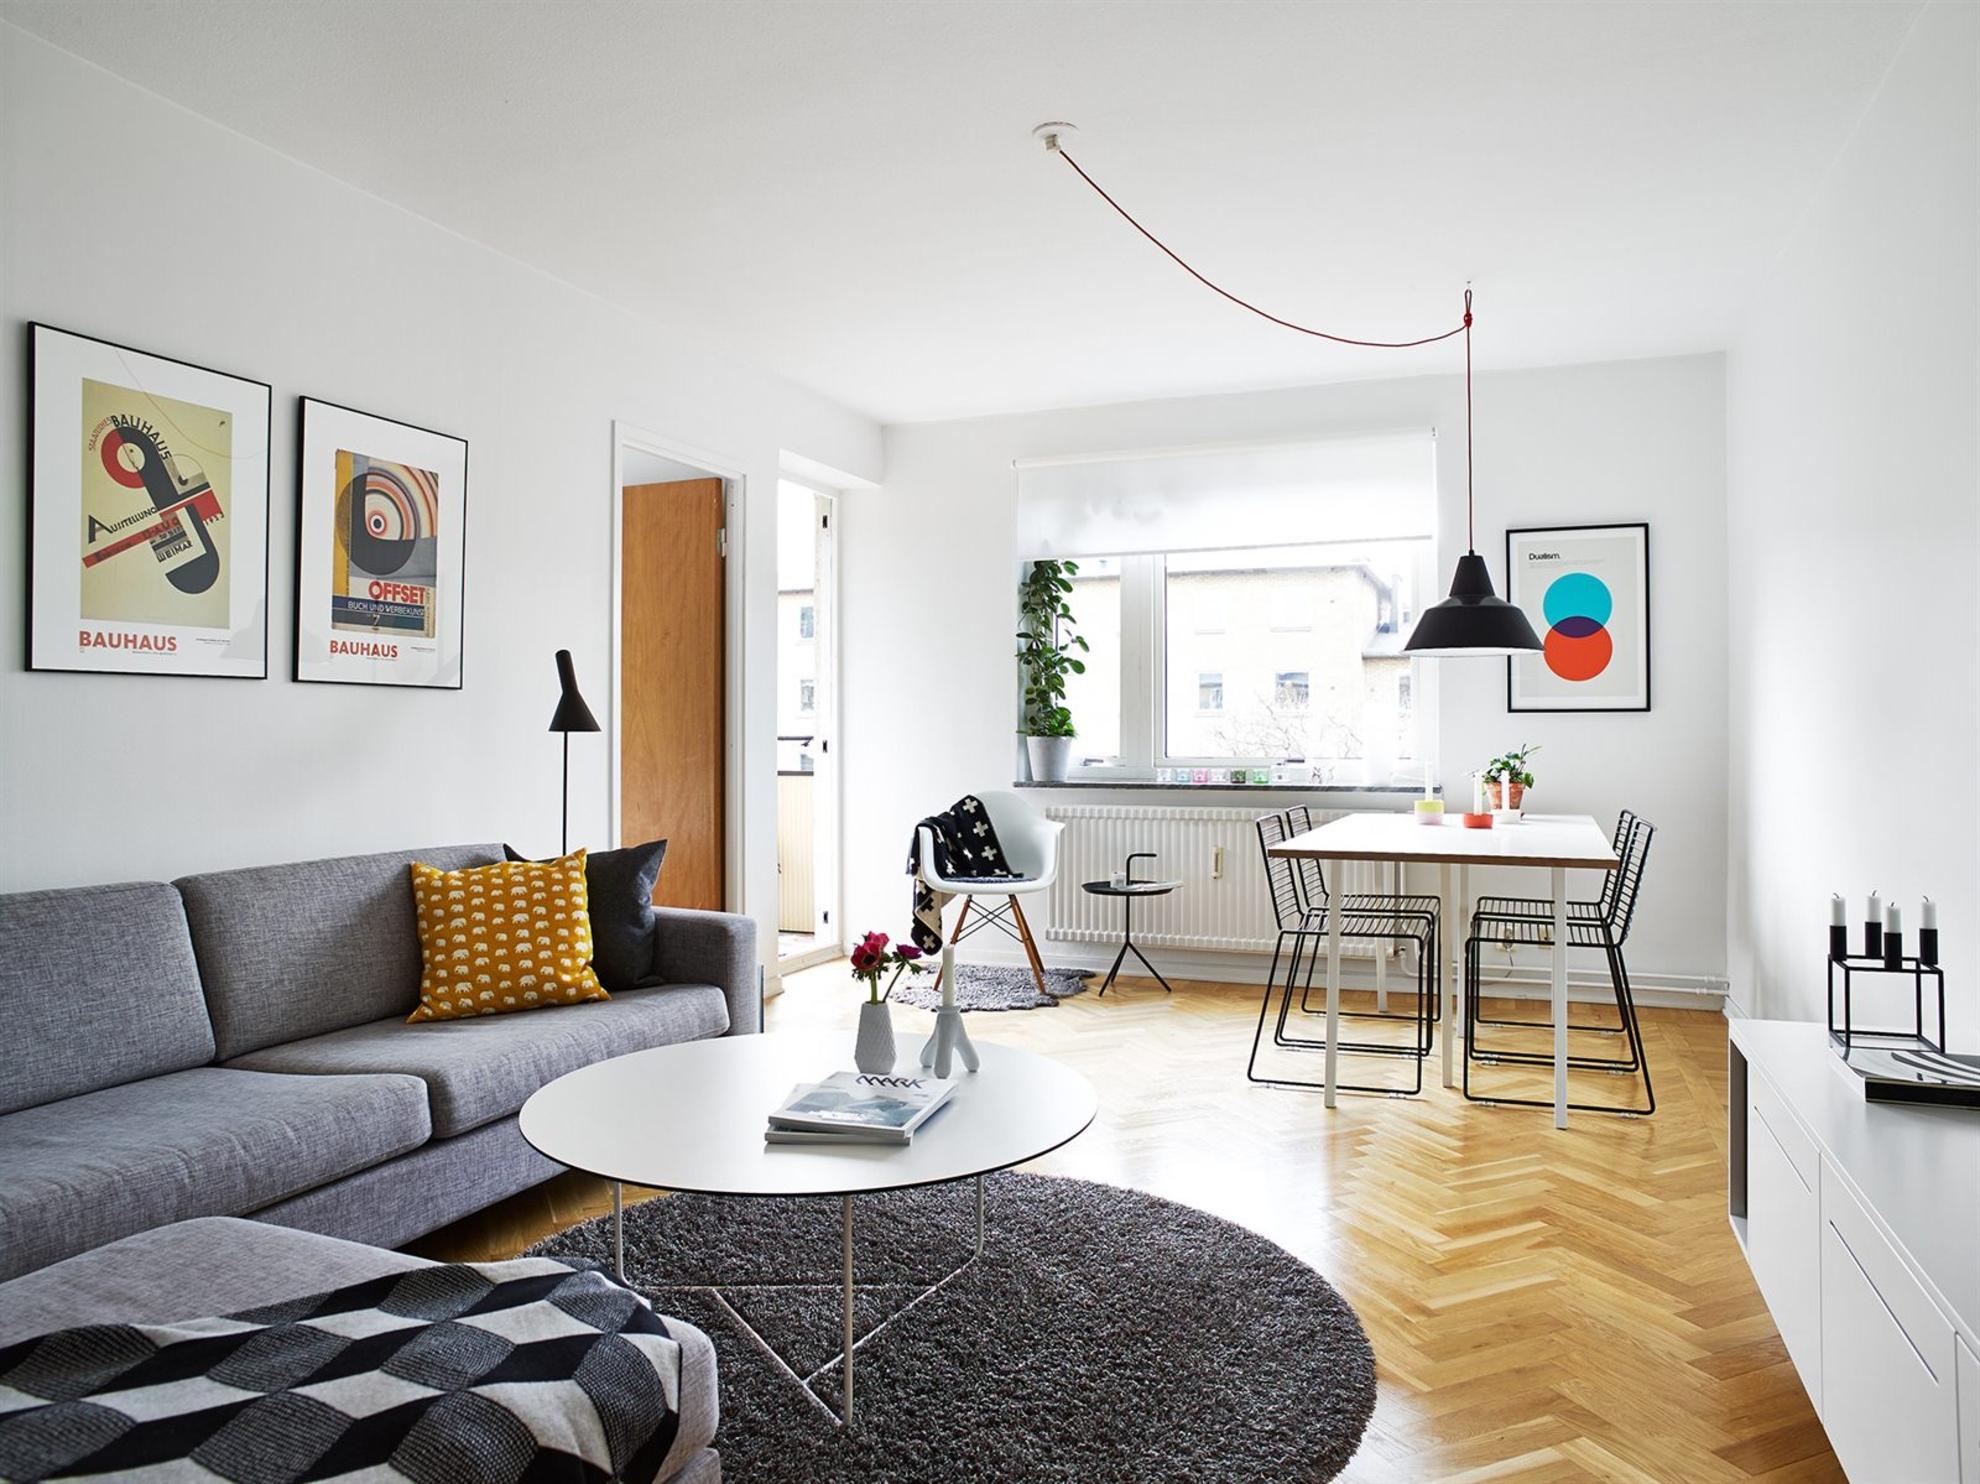 Muebles ligeros para ganar espacio visual blog tienda - Decoracion de interiores para espacios pequenos ...